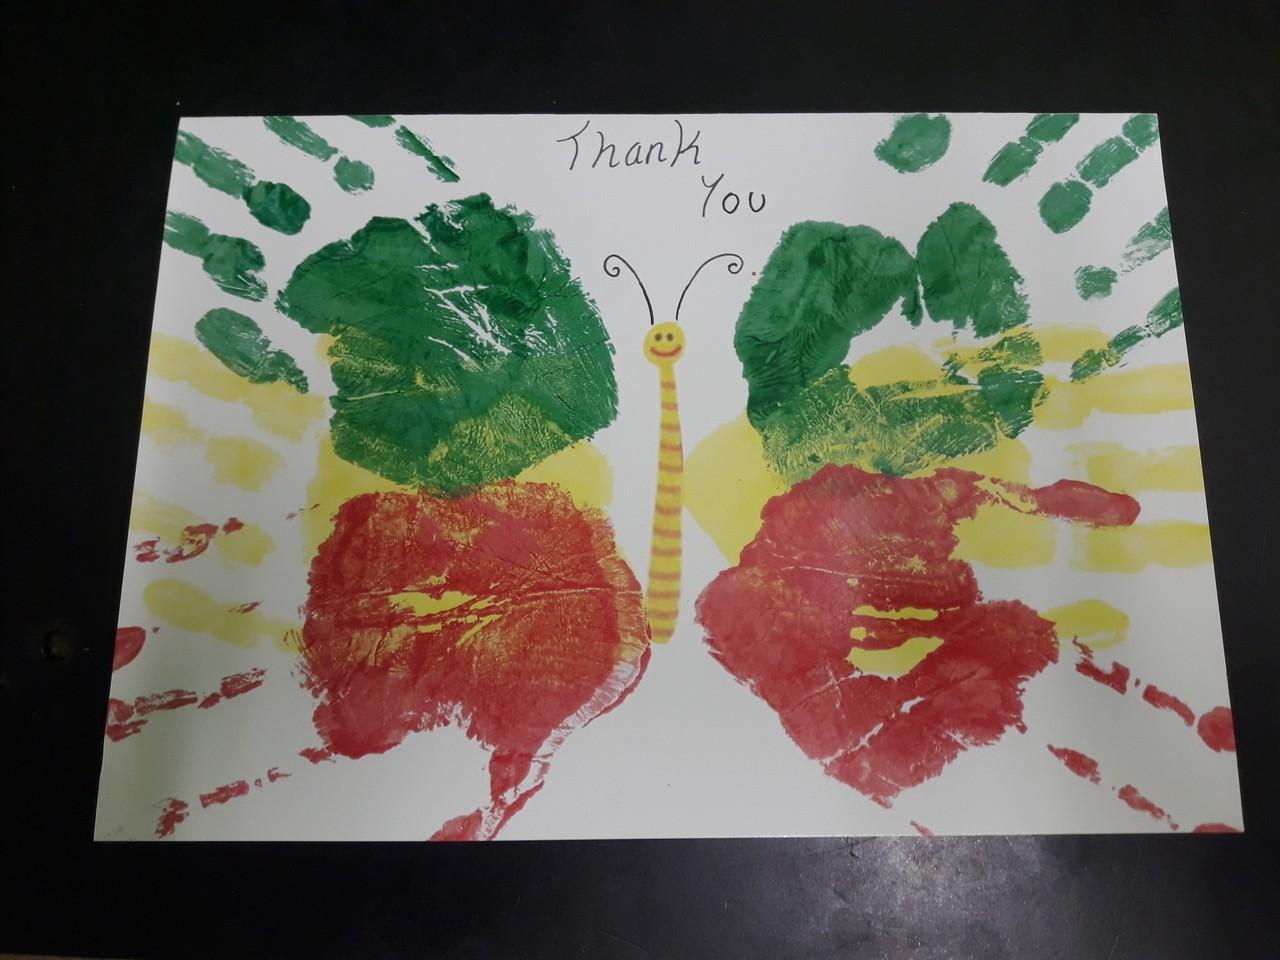 Green Token Giving thanks | Asda Cramlington